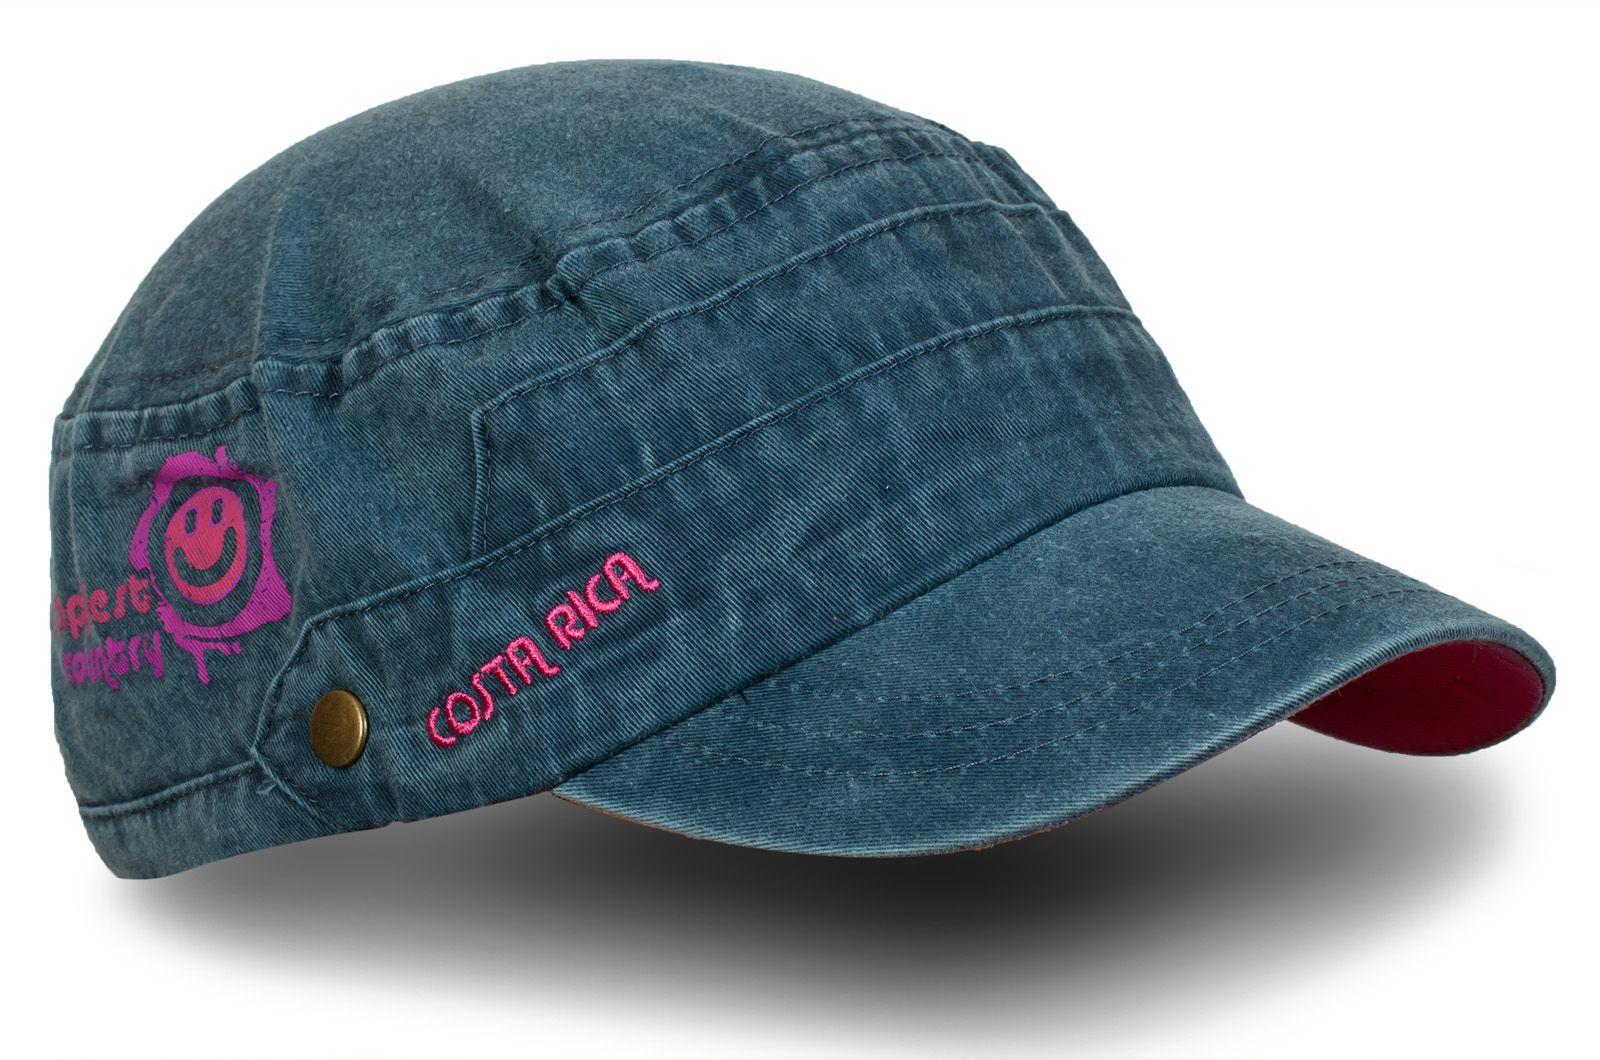 Джинсовая кепка Costa Rica - купить по низкой цене